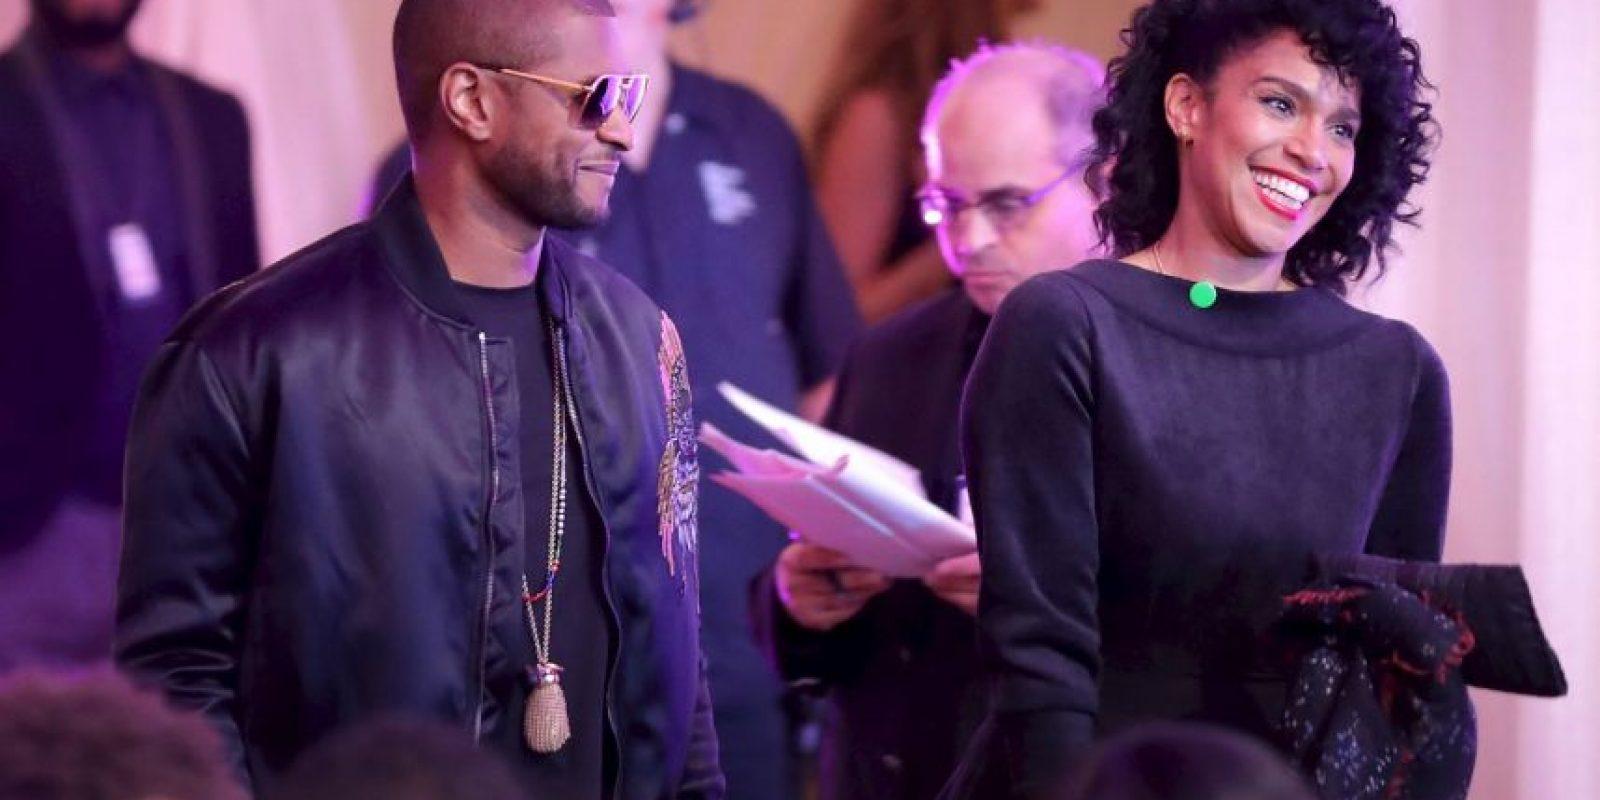 """Entre los invitados estuvo Usher, quien grabó al presidente bailando """"Hotline Bling"""" Foto:Getty Images"""